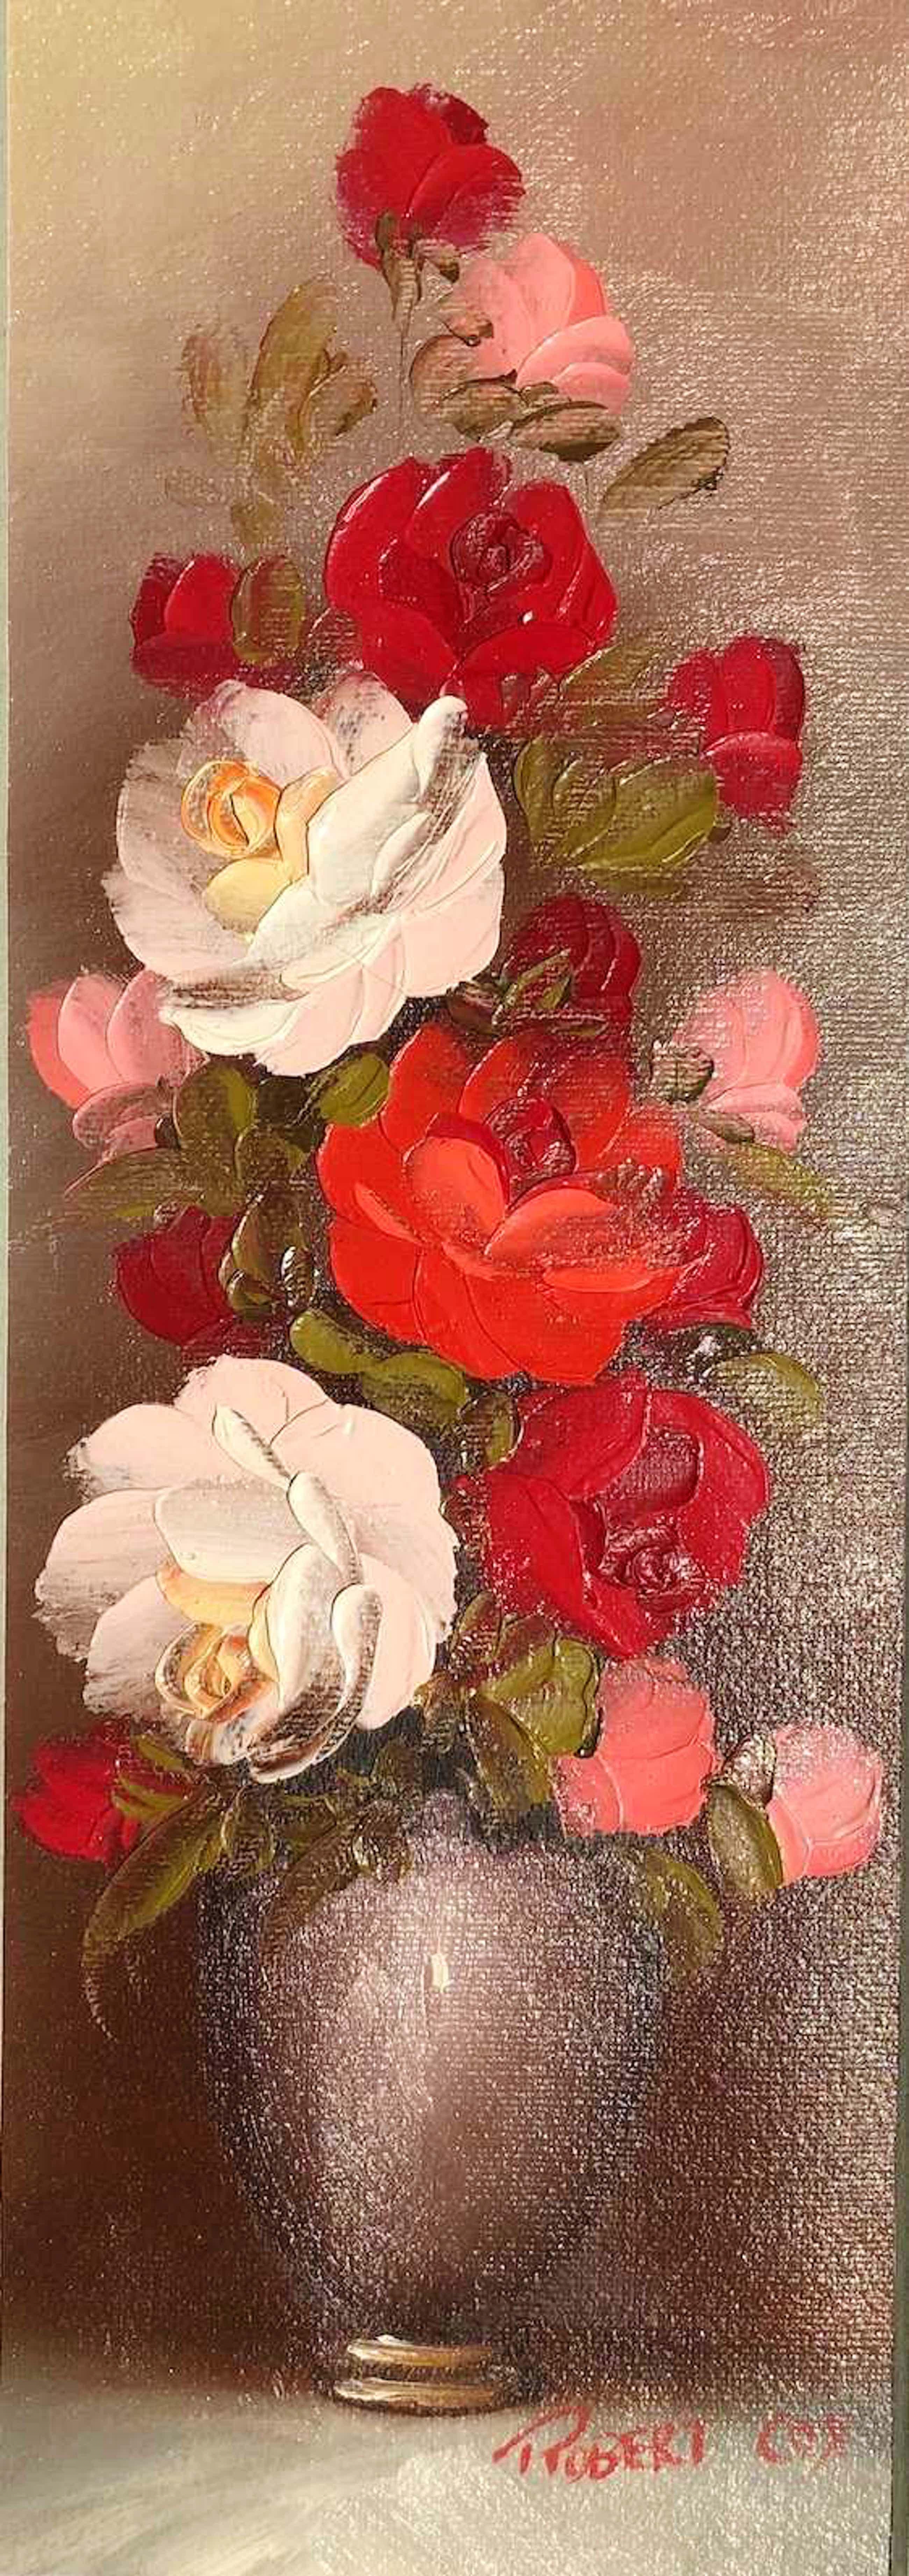 Robert Cox - Rode bloemen in vaas - Olieverf op doek kopen? Bied vanaf 80!